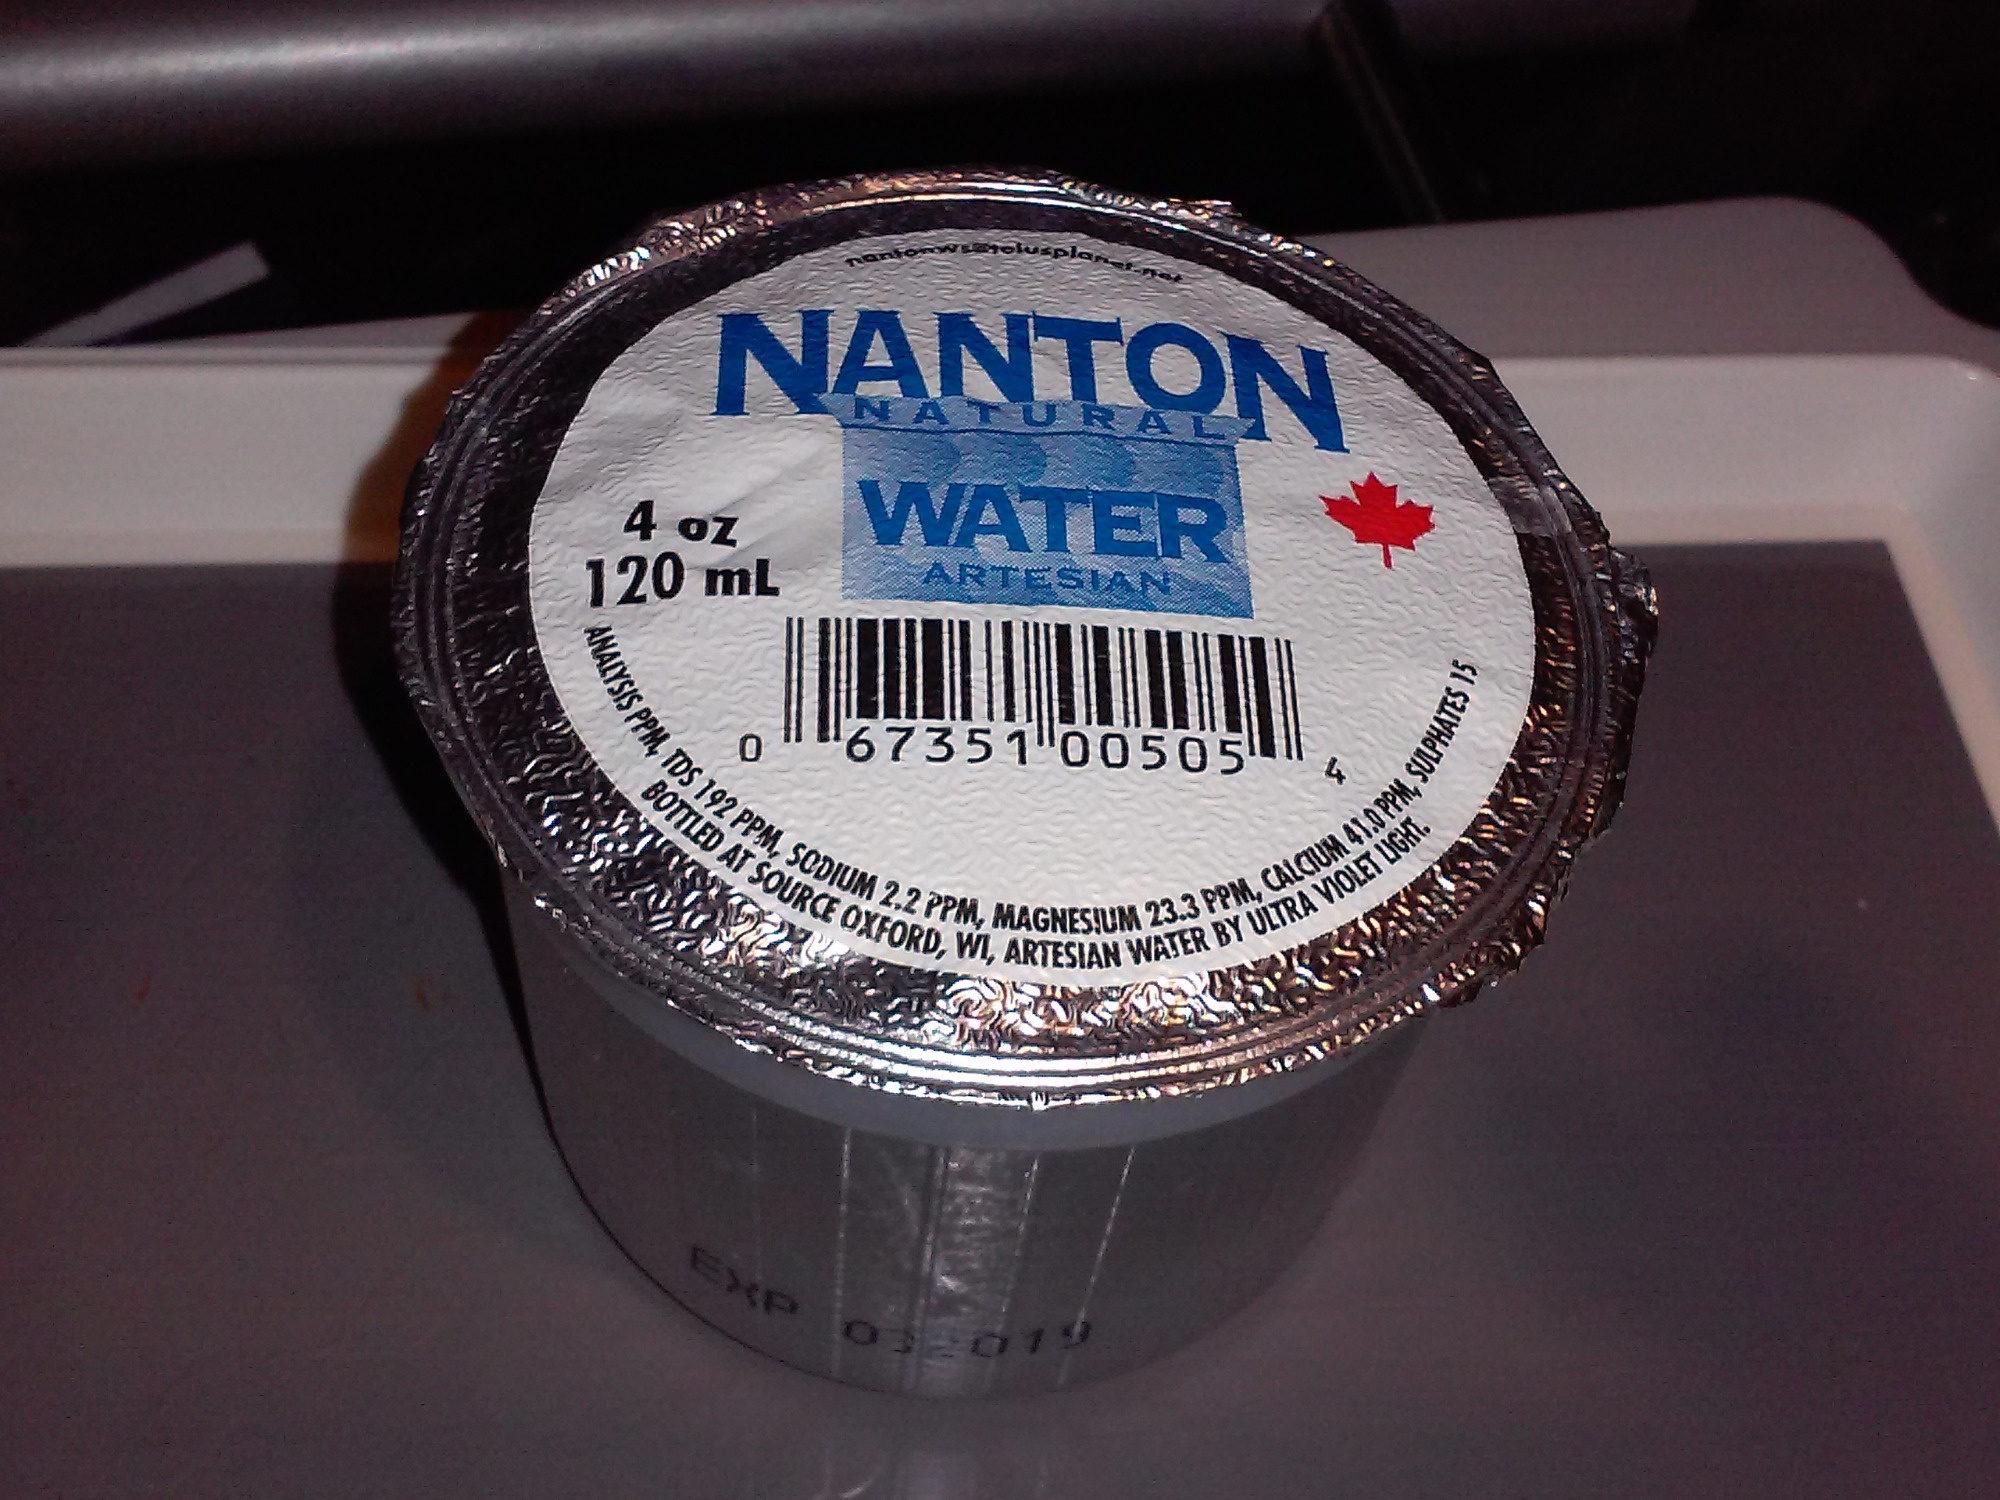 Nanton Natural Water Artesian - Ingrédients - fr